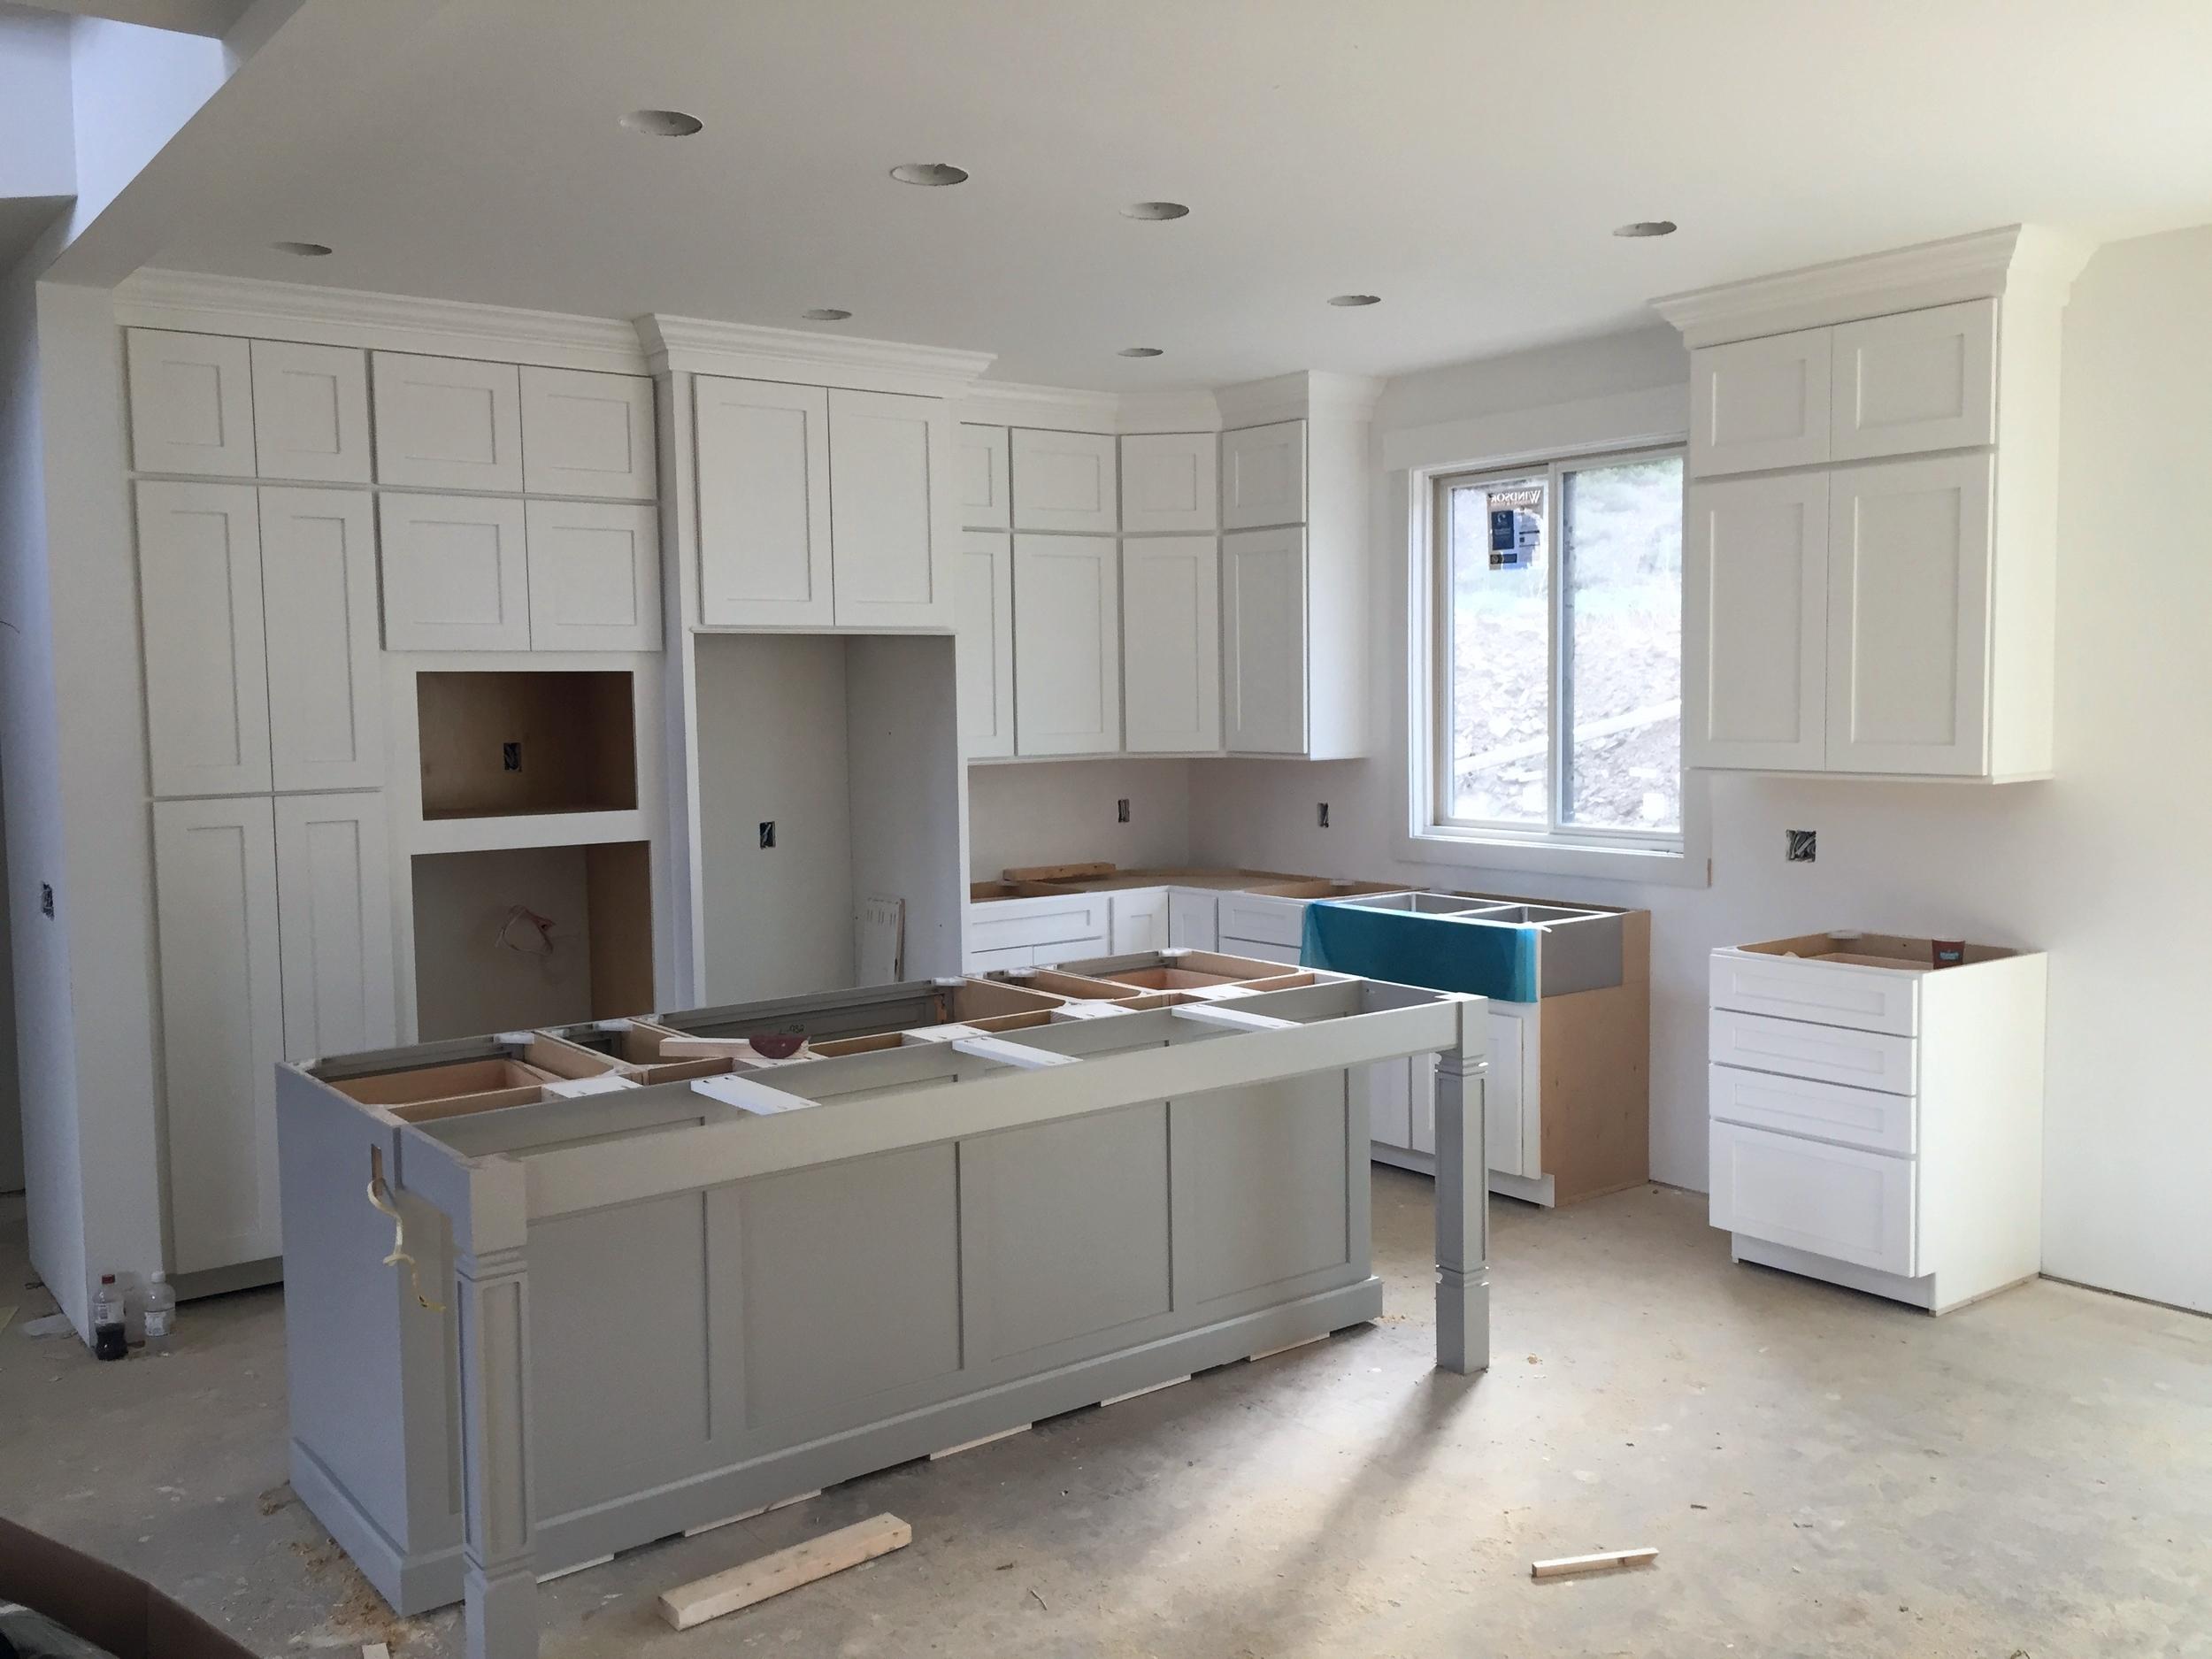 Kitchen_1-4-16.JPG